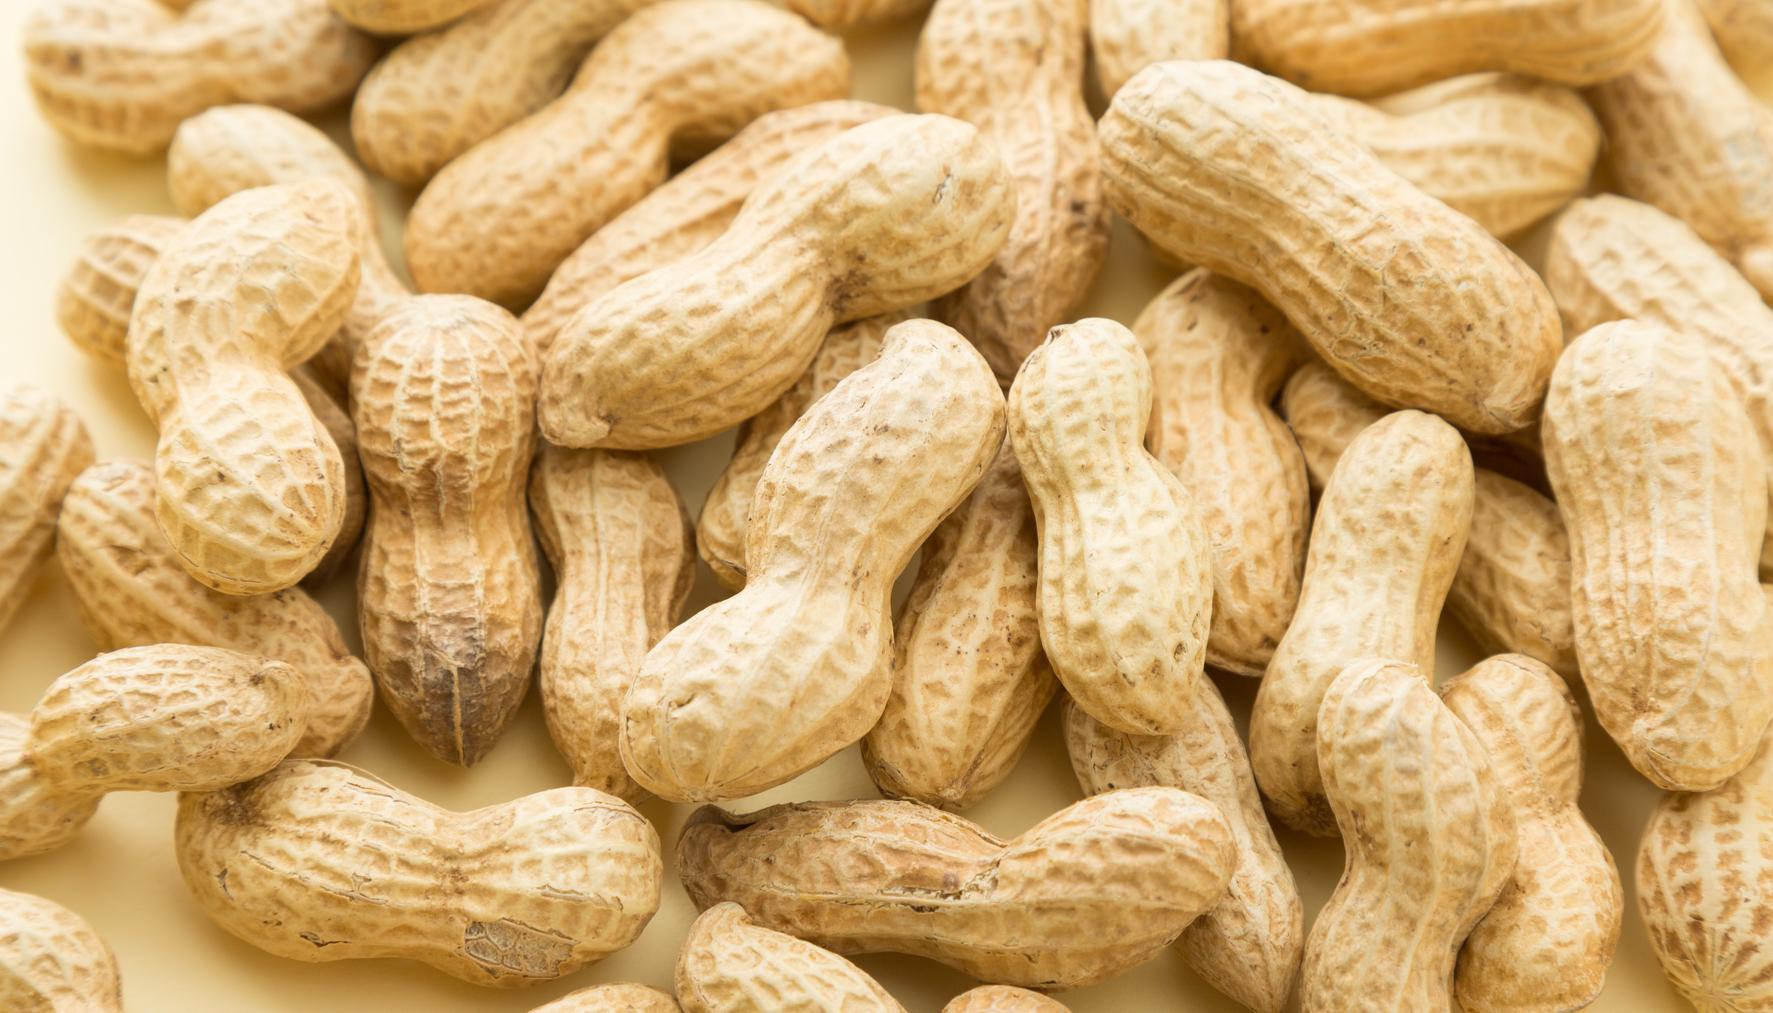 「ピーナッツ食品」の画像検索結果